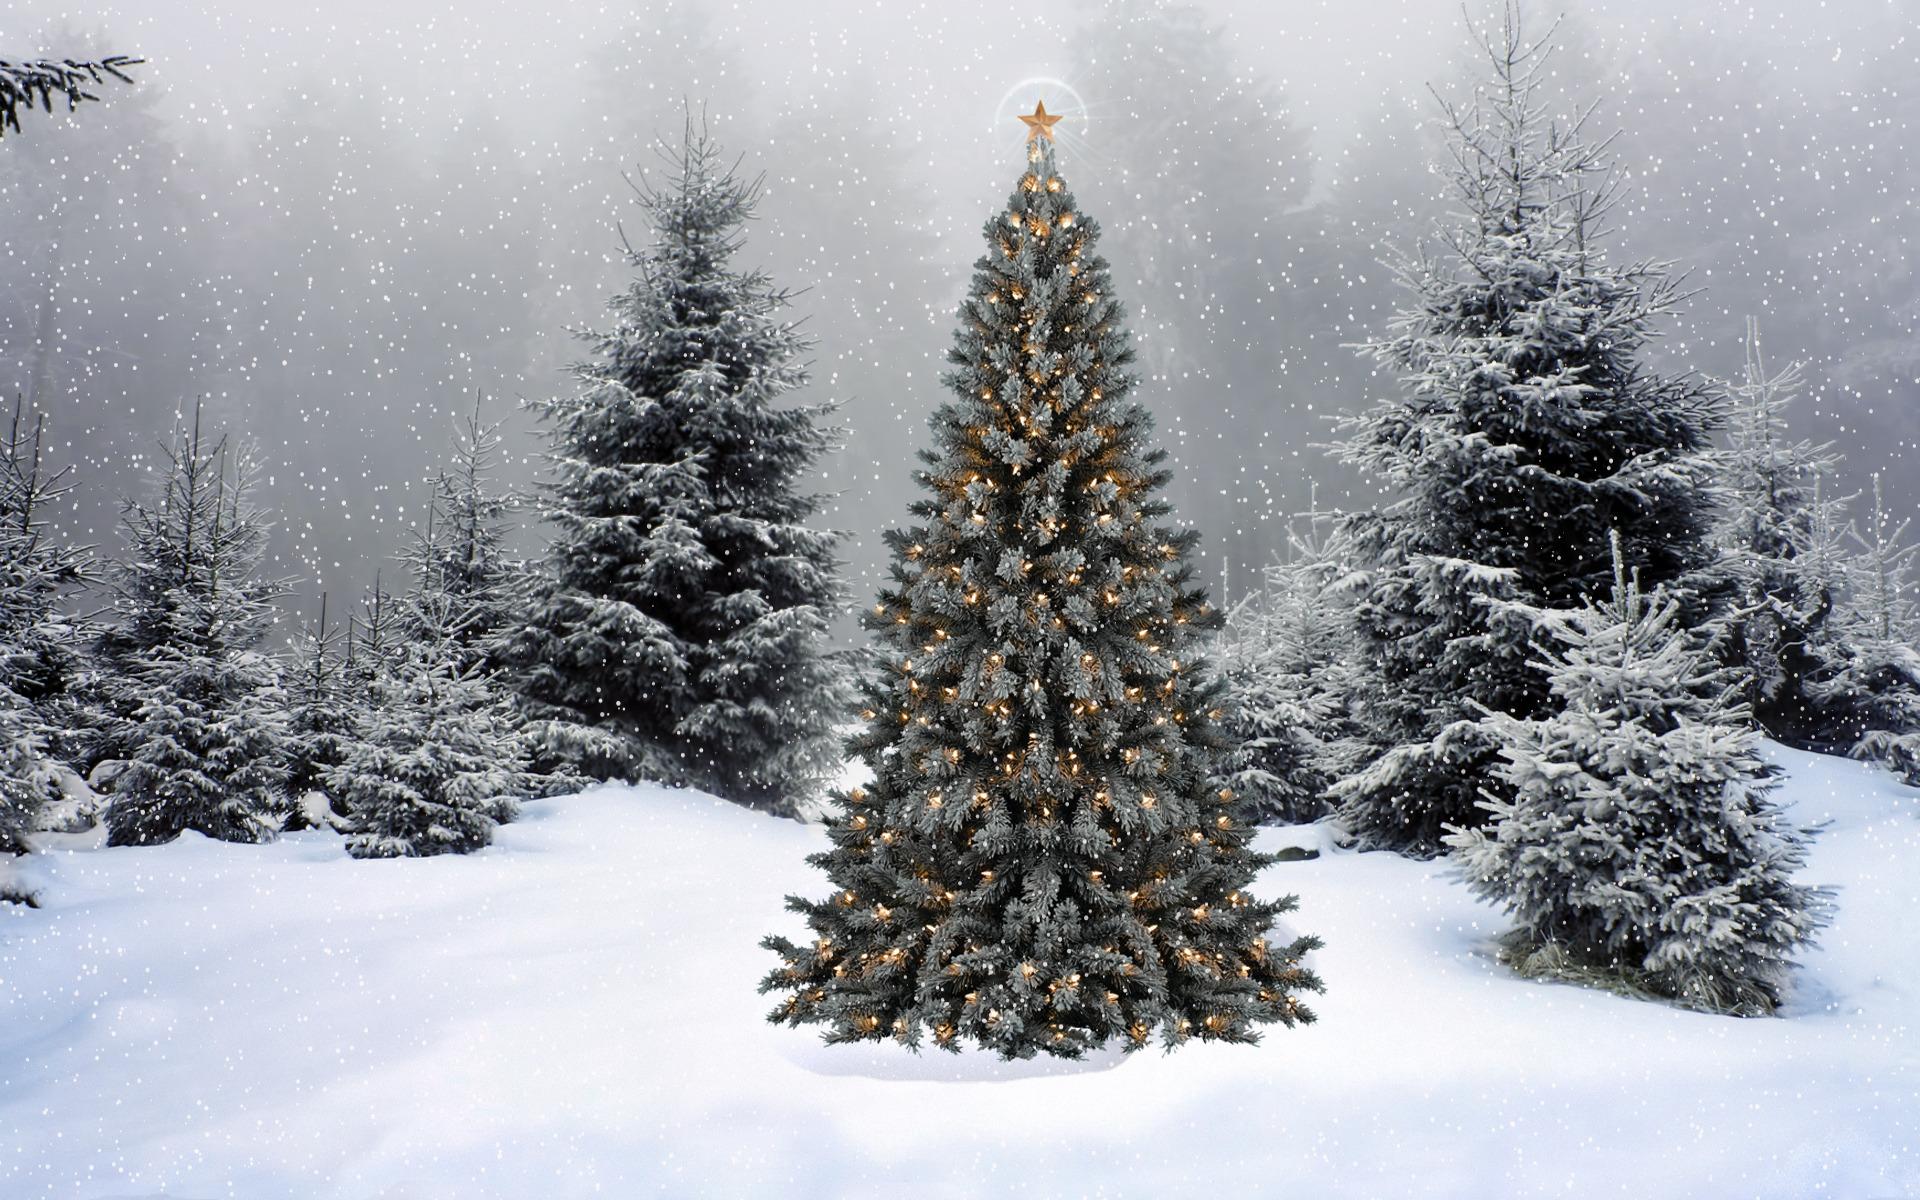 зима картинки новогоднего леса полная мире